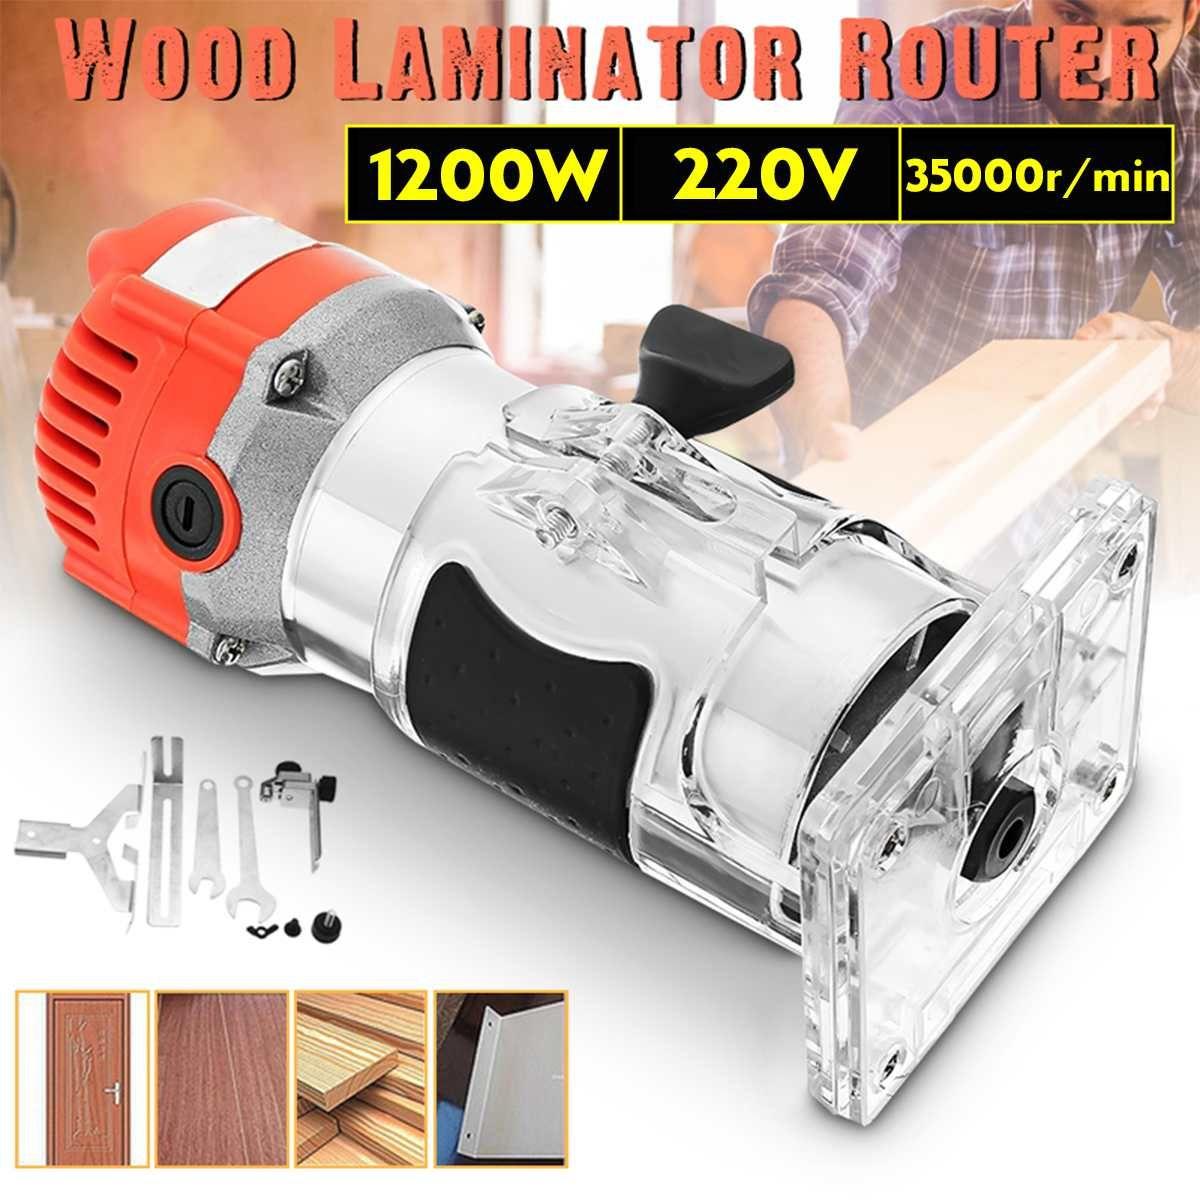 Elektrische Holz Trimmer Laminator 1200 W 220 V 35000r/min Router Pvc-h-streifen Schreiner Werkzeug Set Aluminium + Kunststoff 6,35mm collet Durchmesser Wasserdicht